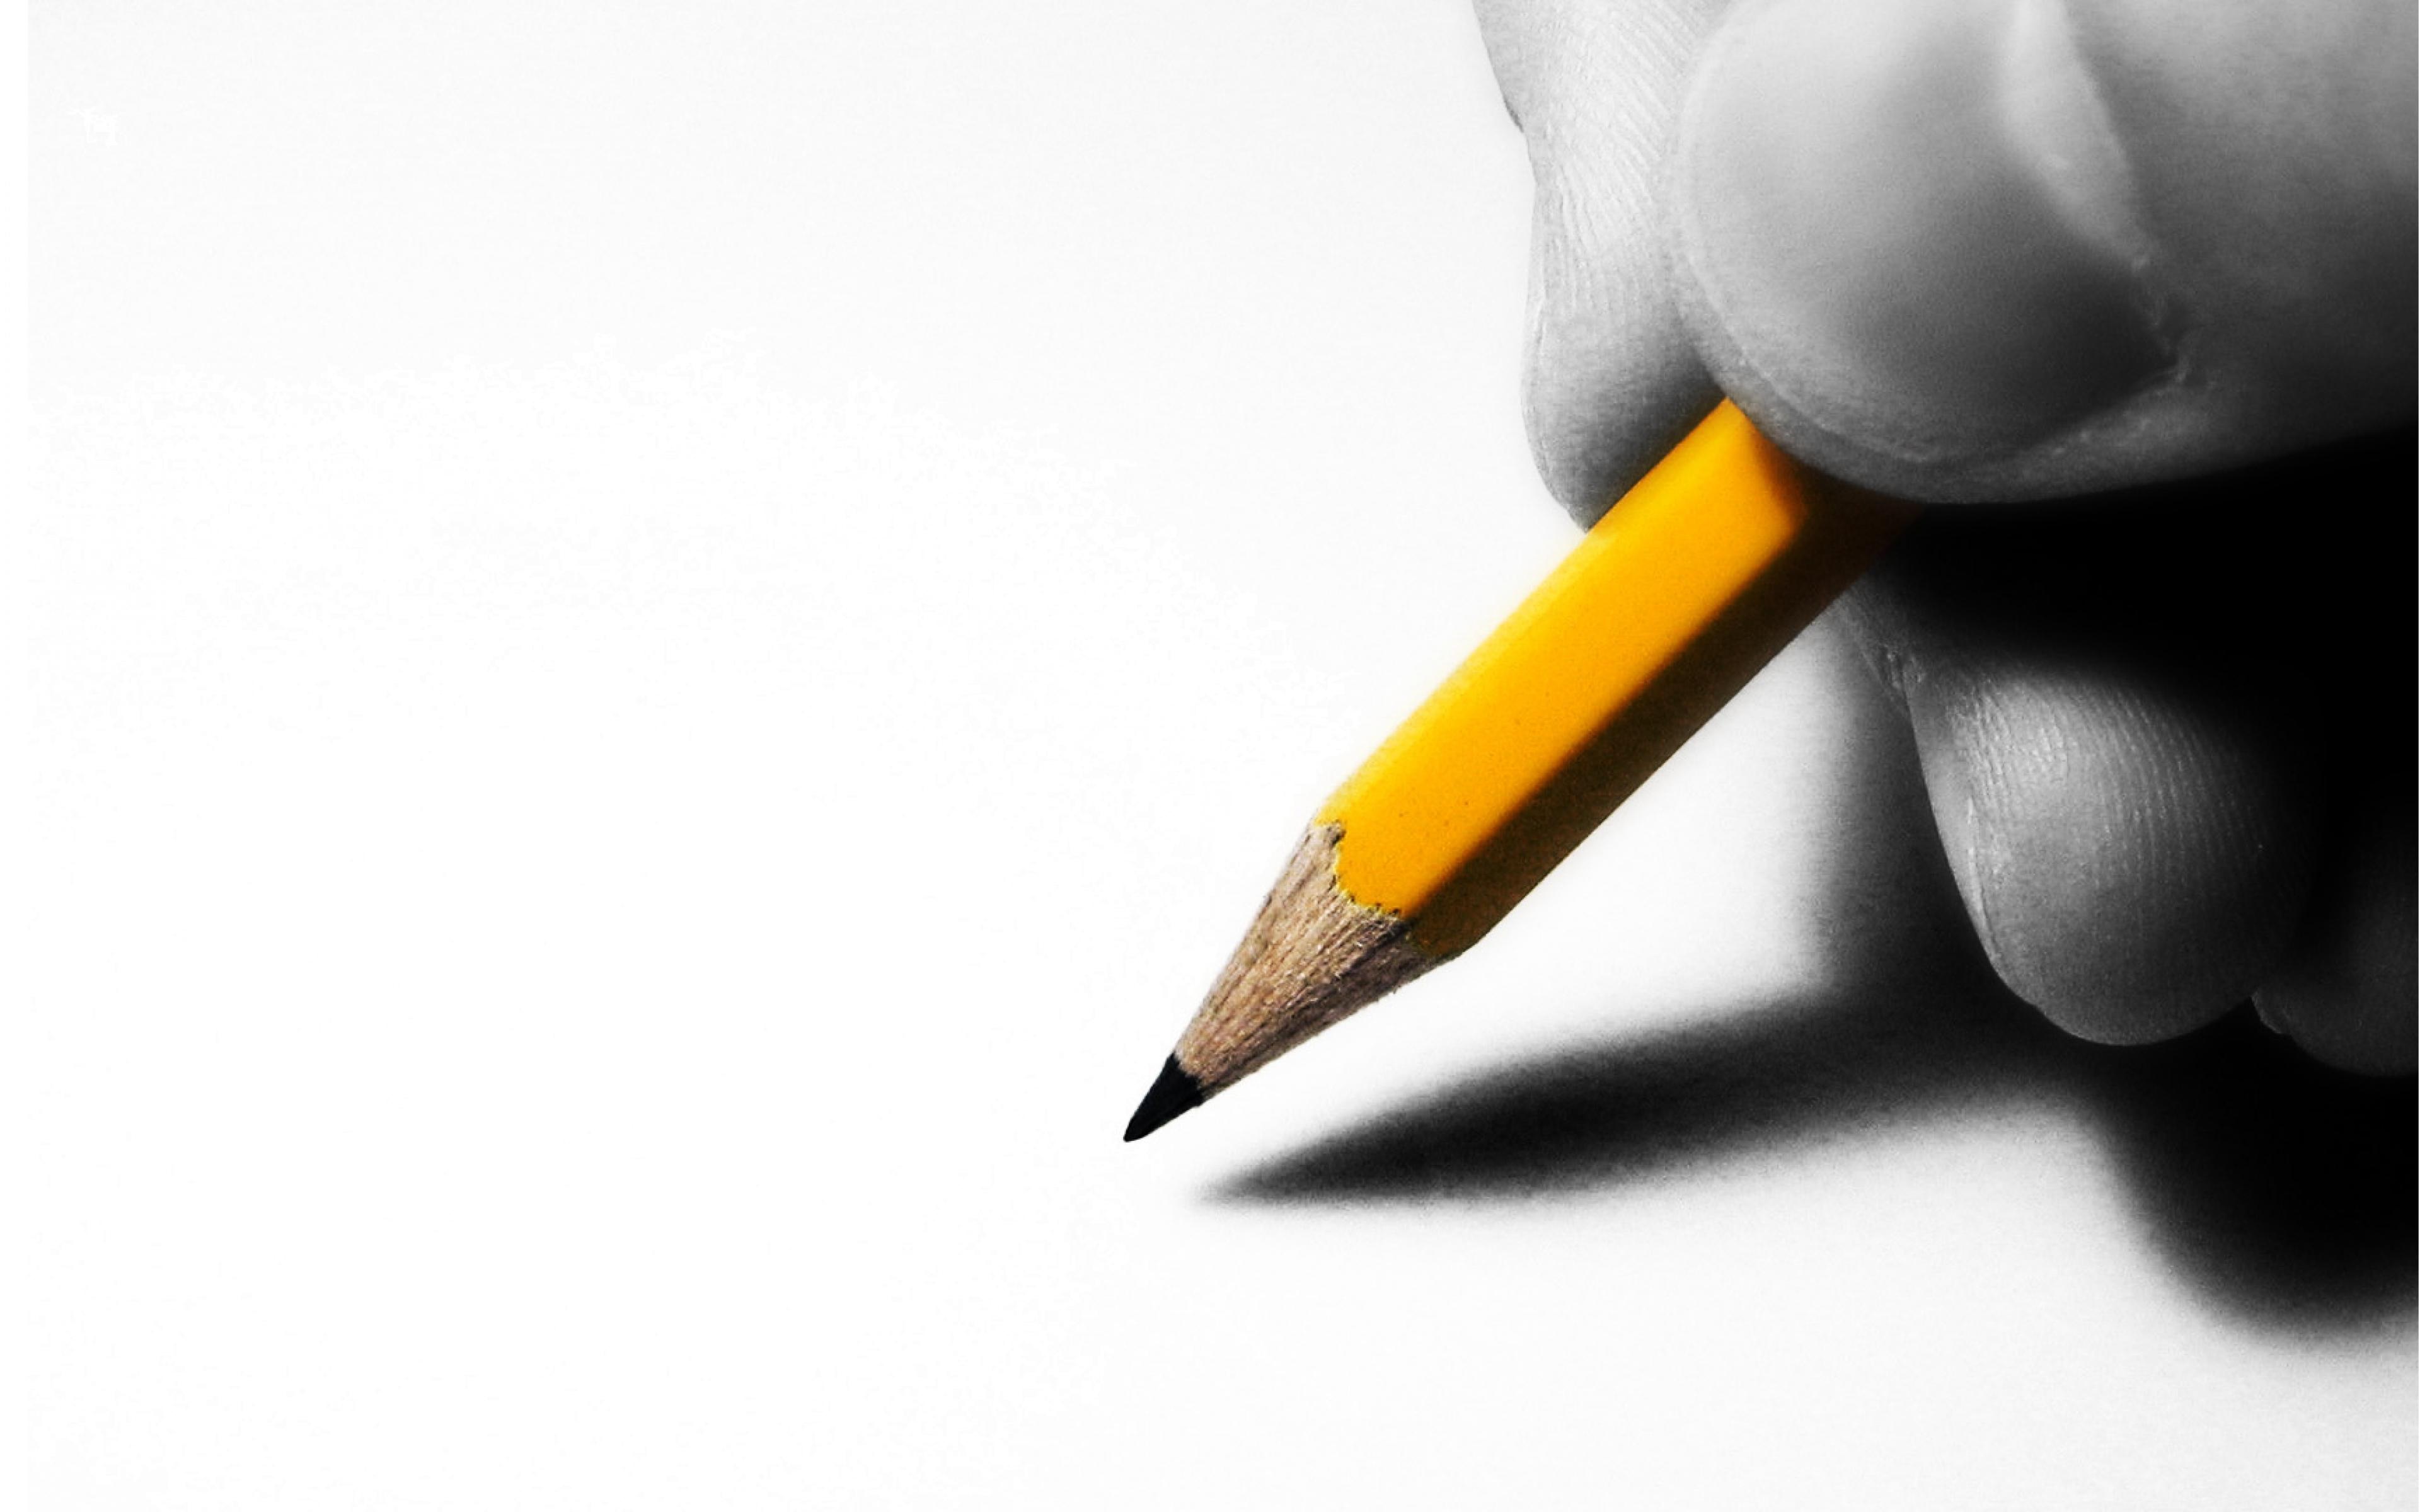 Pencil Sketch Wallpaper - WallpaperSafari